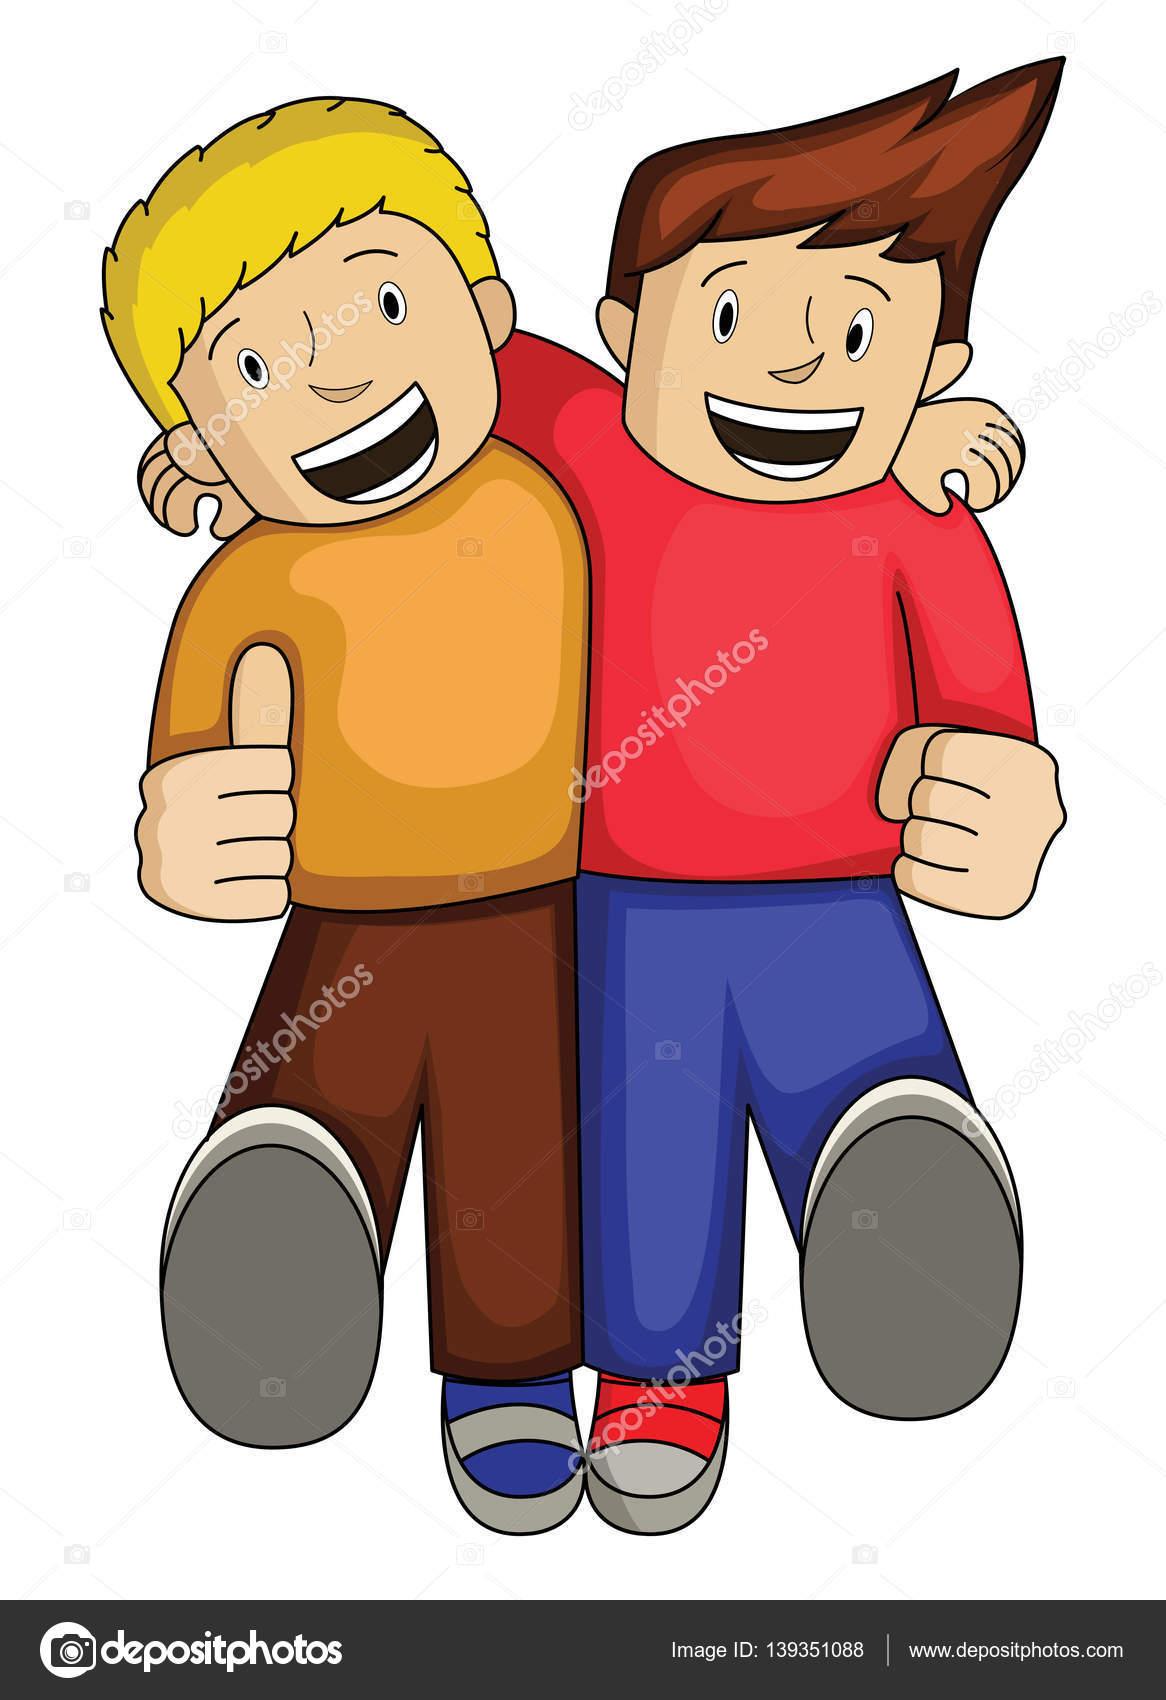 mejor amigo cartoon archivo im u00e1genes vectoriales best friends clip art images best friends clip art images